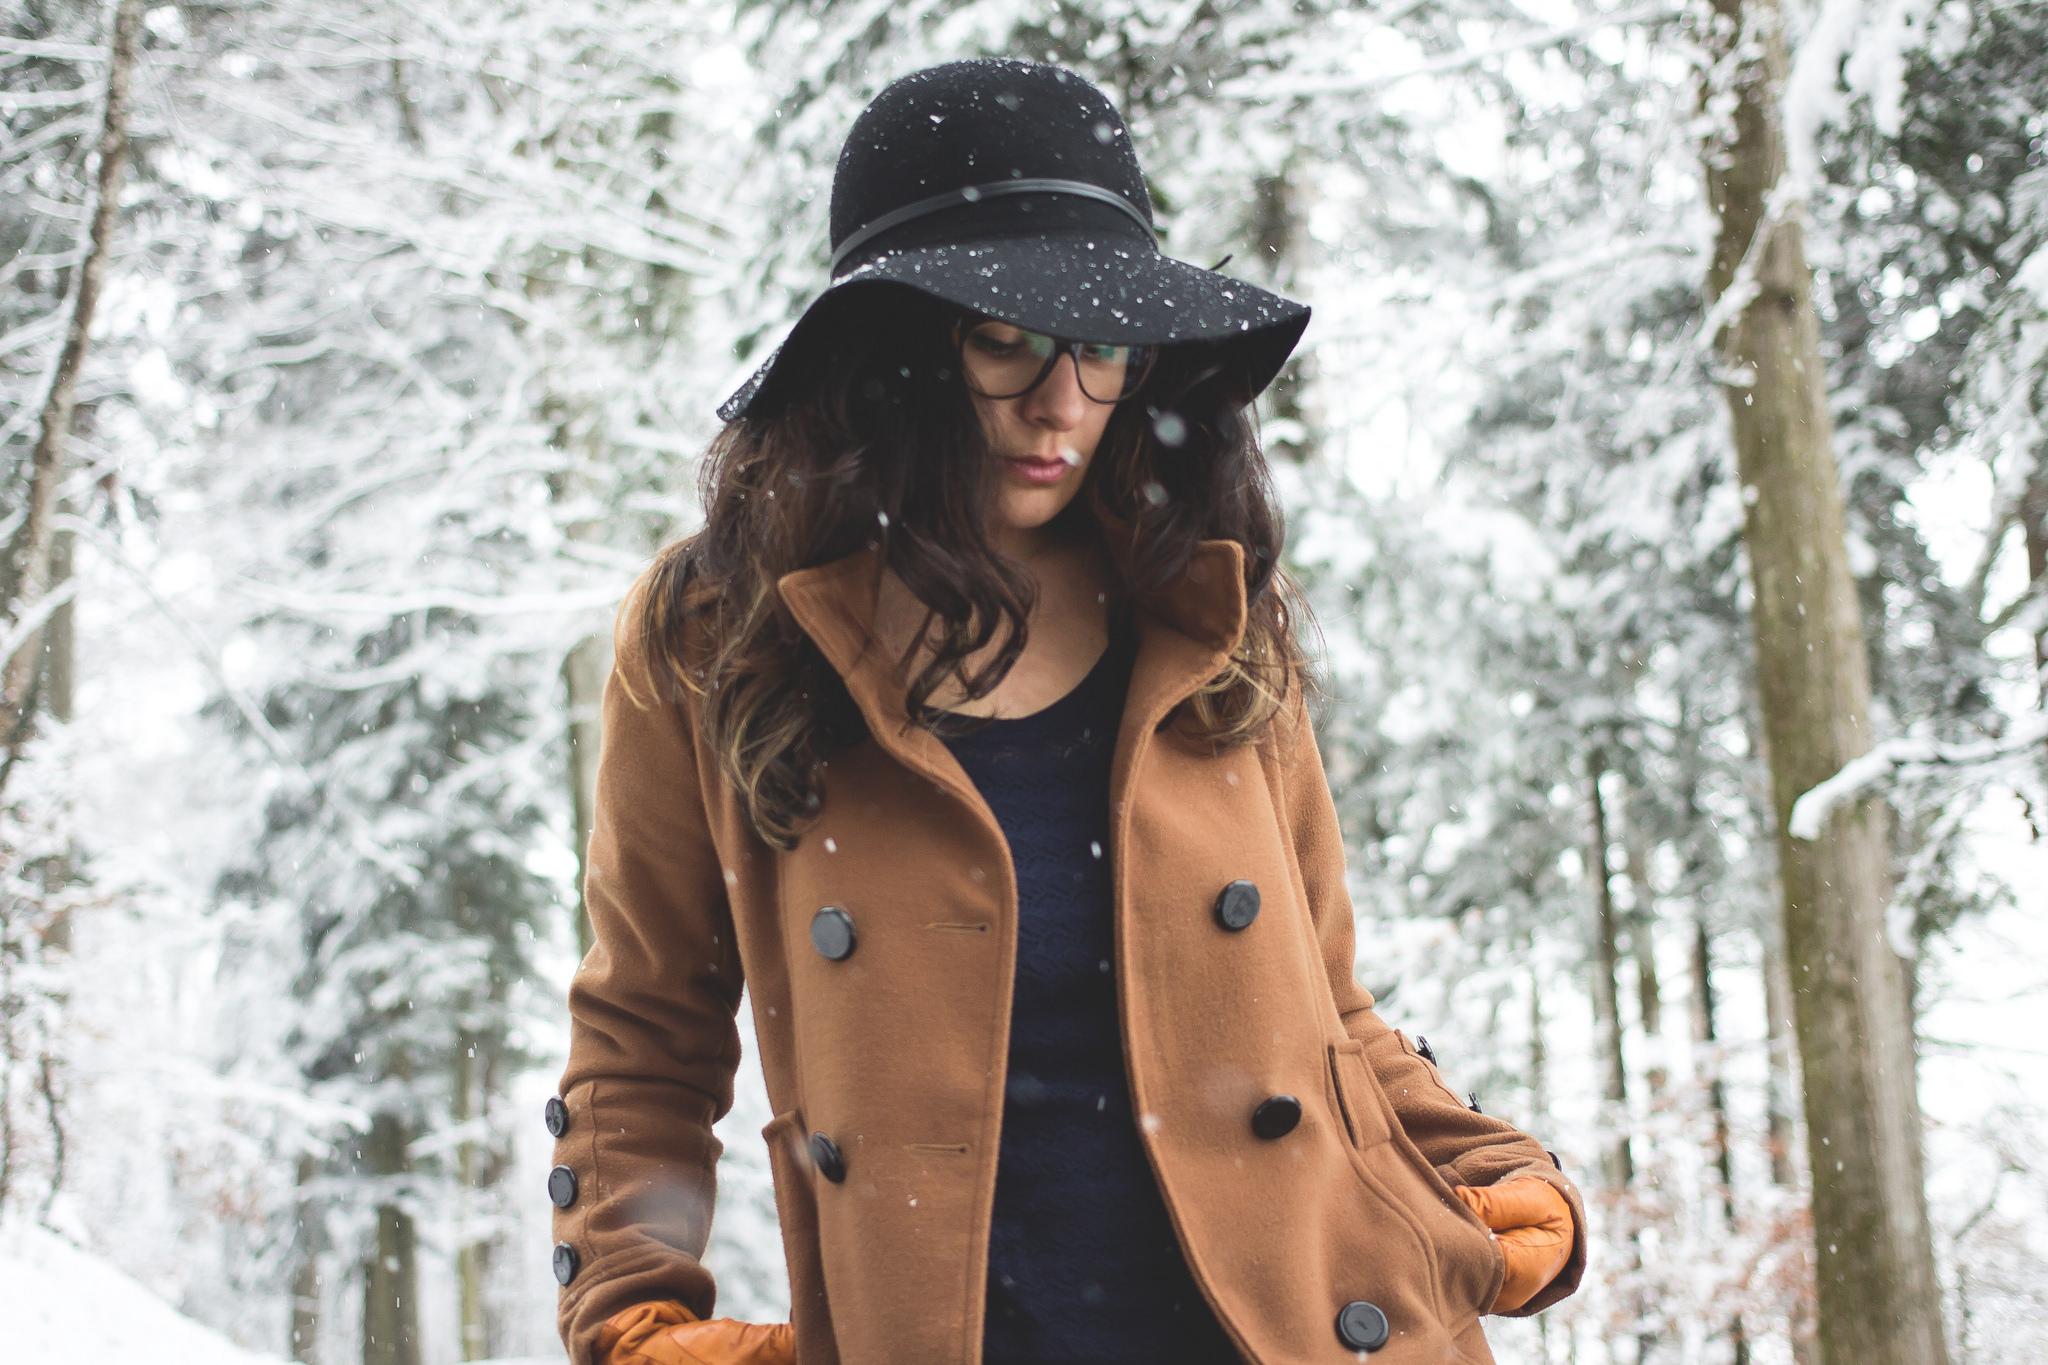 winter captures